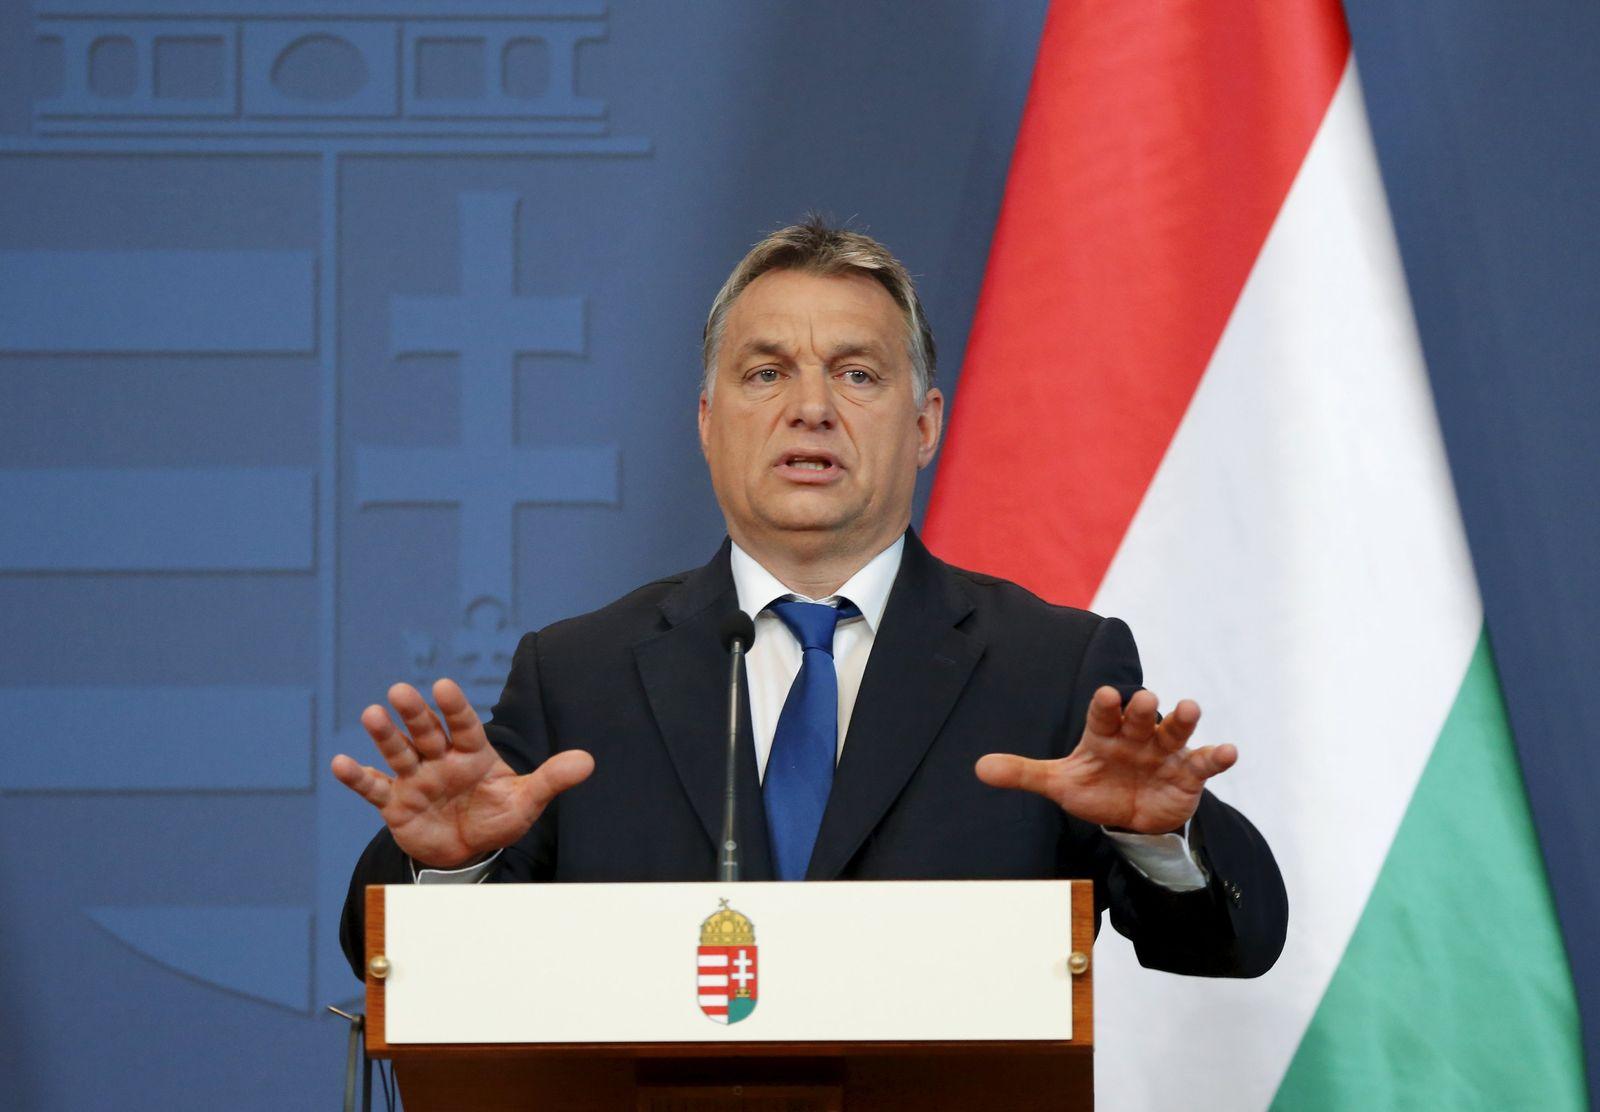 Viktor Orban / Ungarn